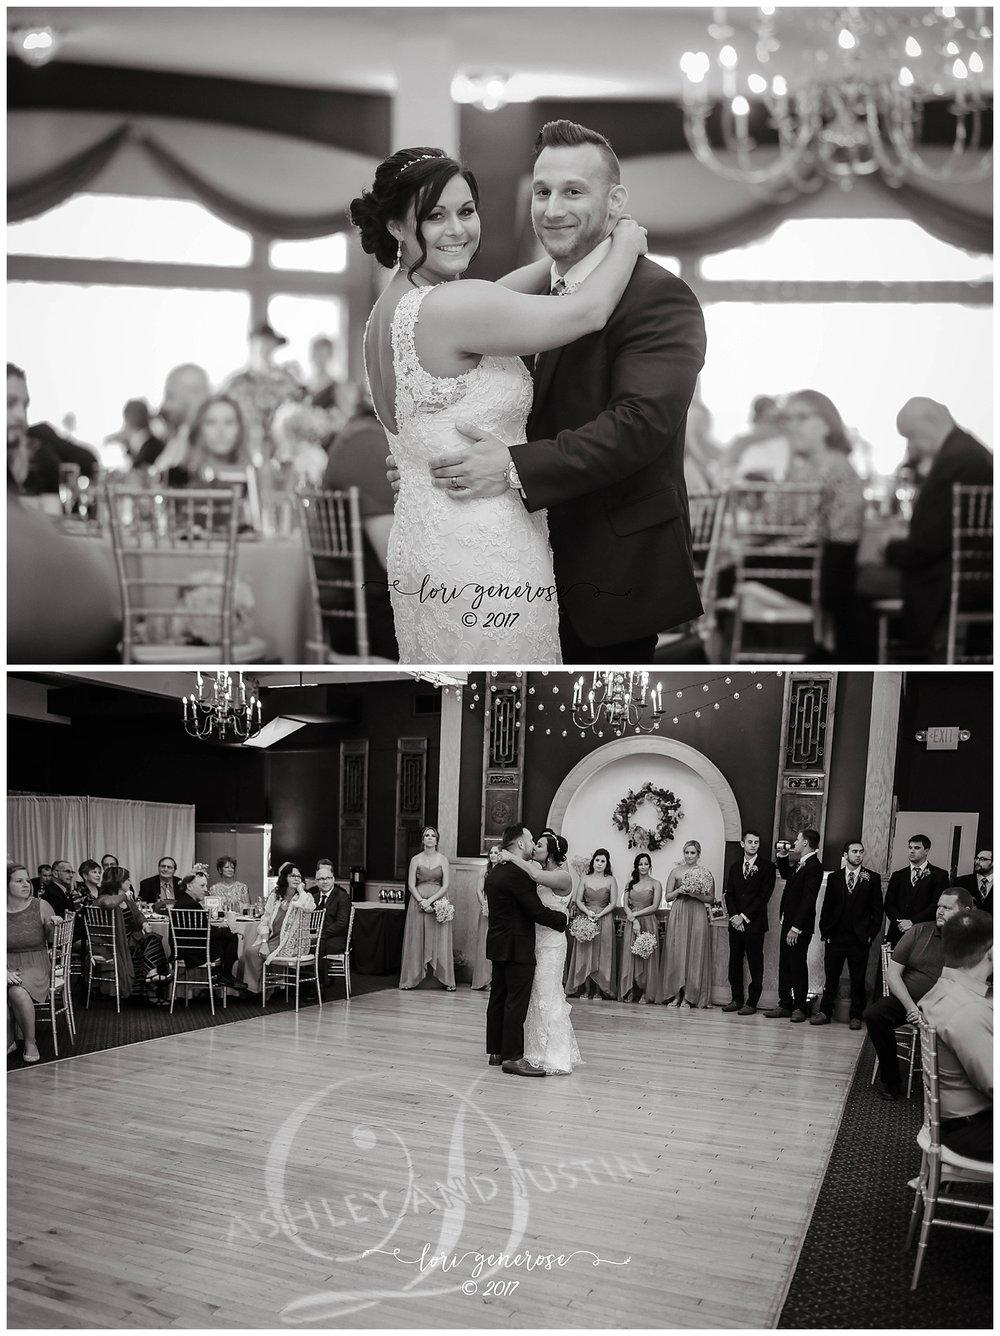 brideandgroomfirstdanceweddingreceptionfallweddingatshawneeinnaandskiresort.jpg